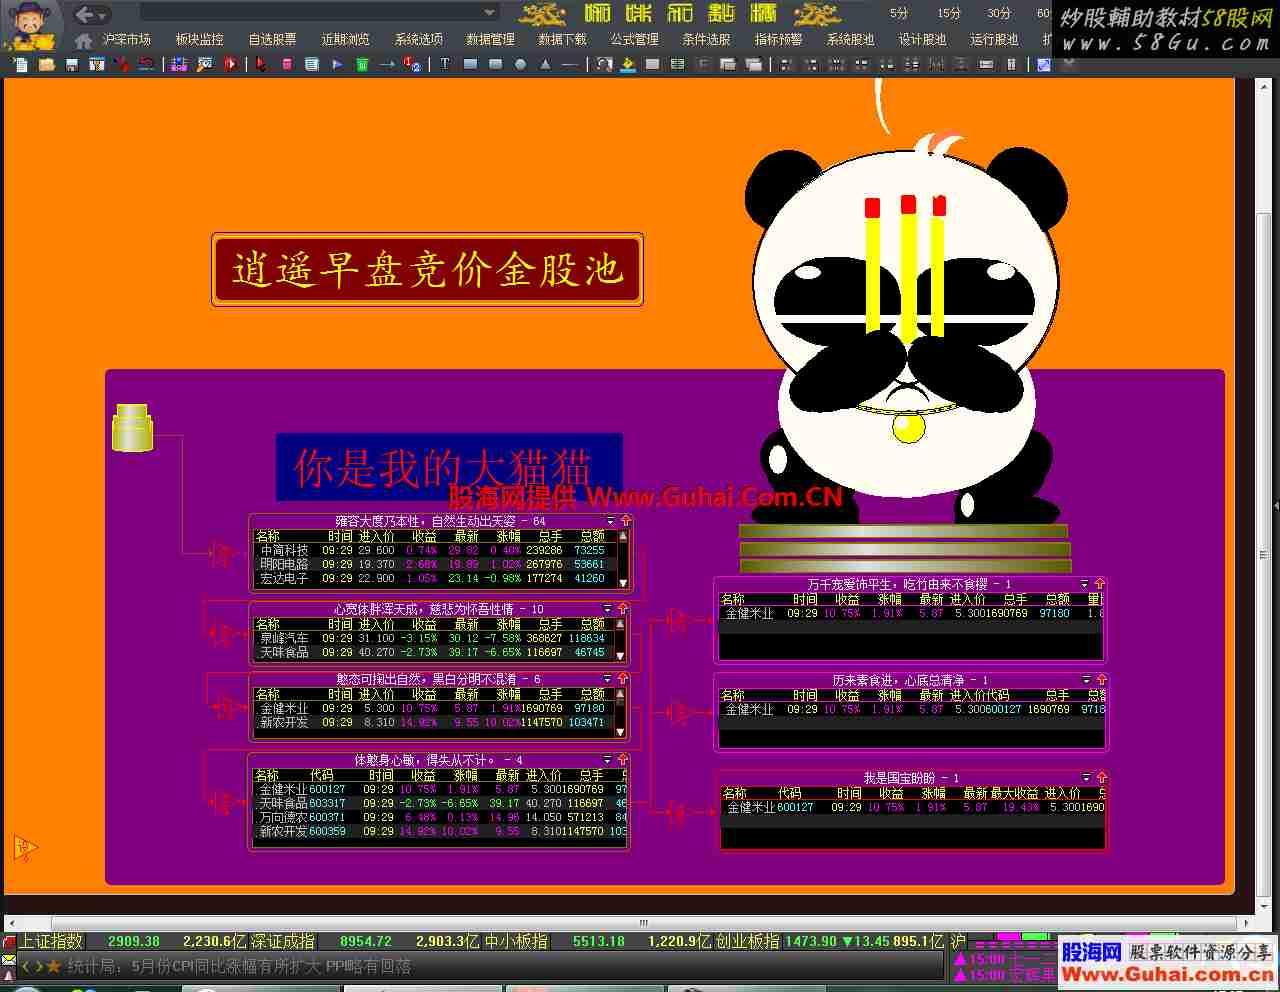 大师的熊猫烧香大智慧股票池